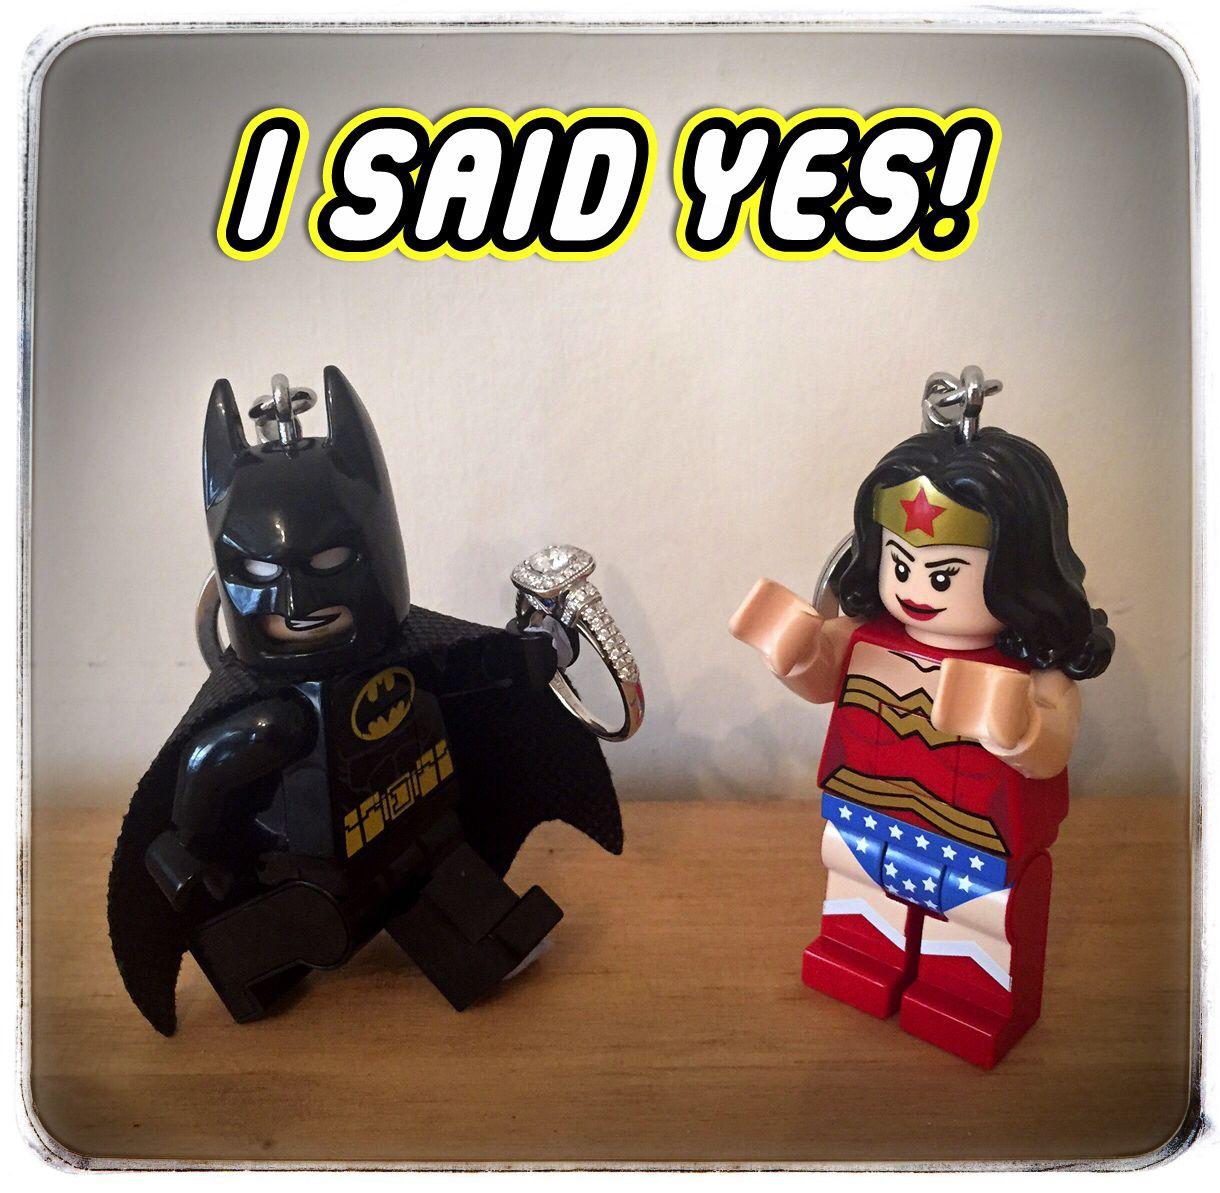 Our Batman & Wonder Woman Lego Engagement Announcement